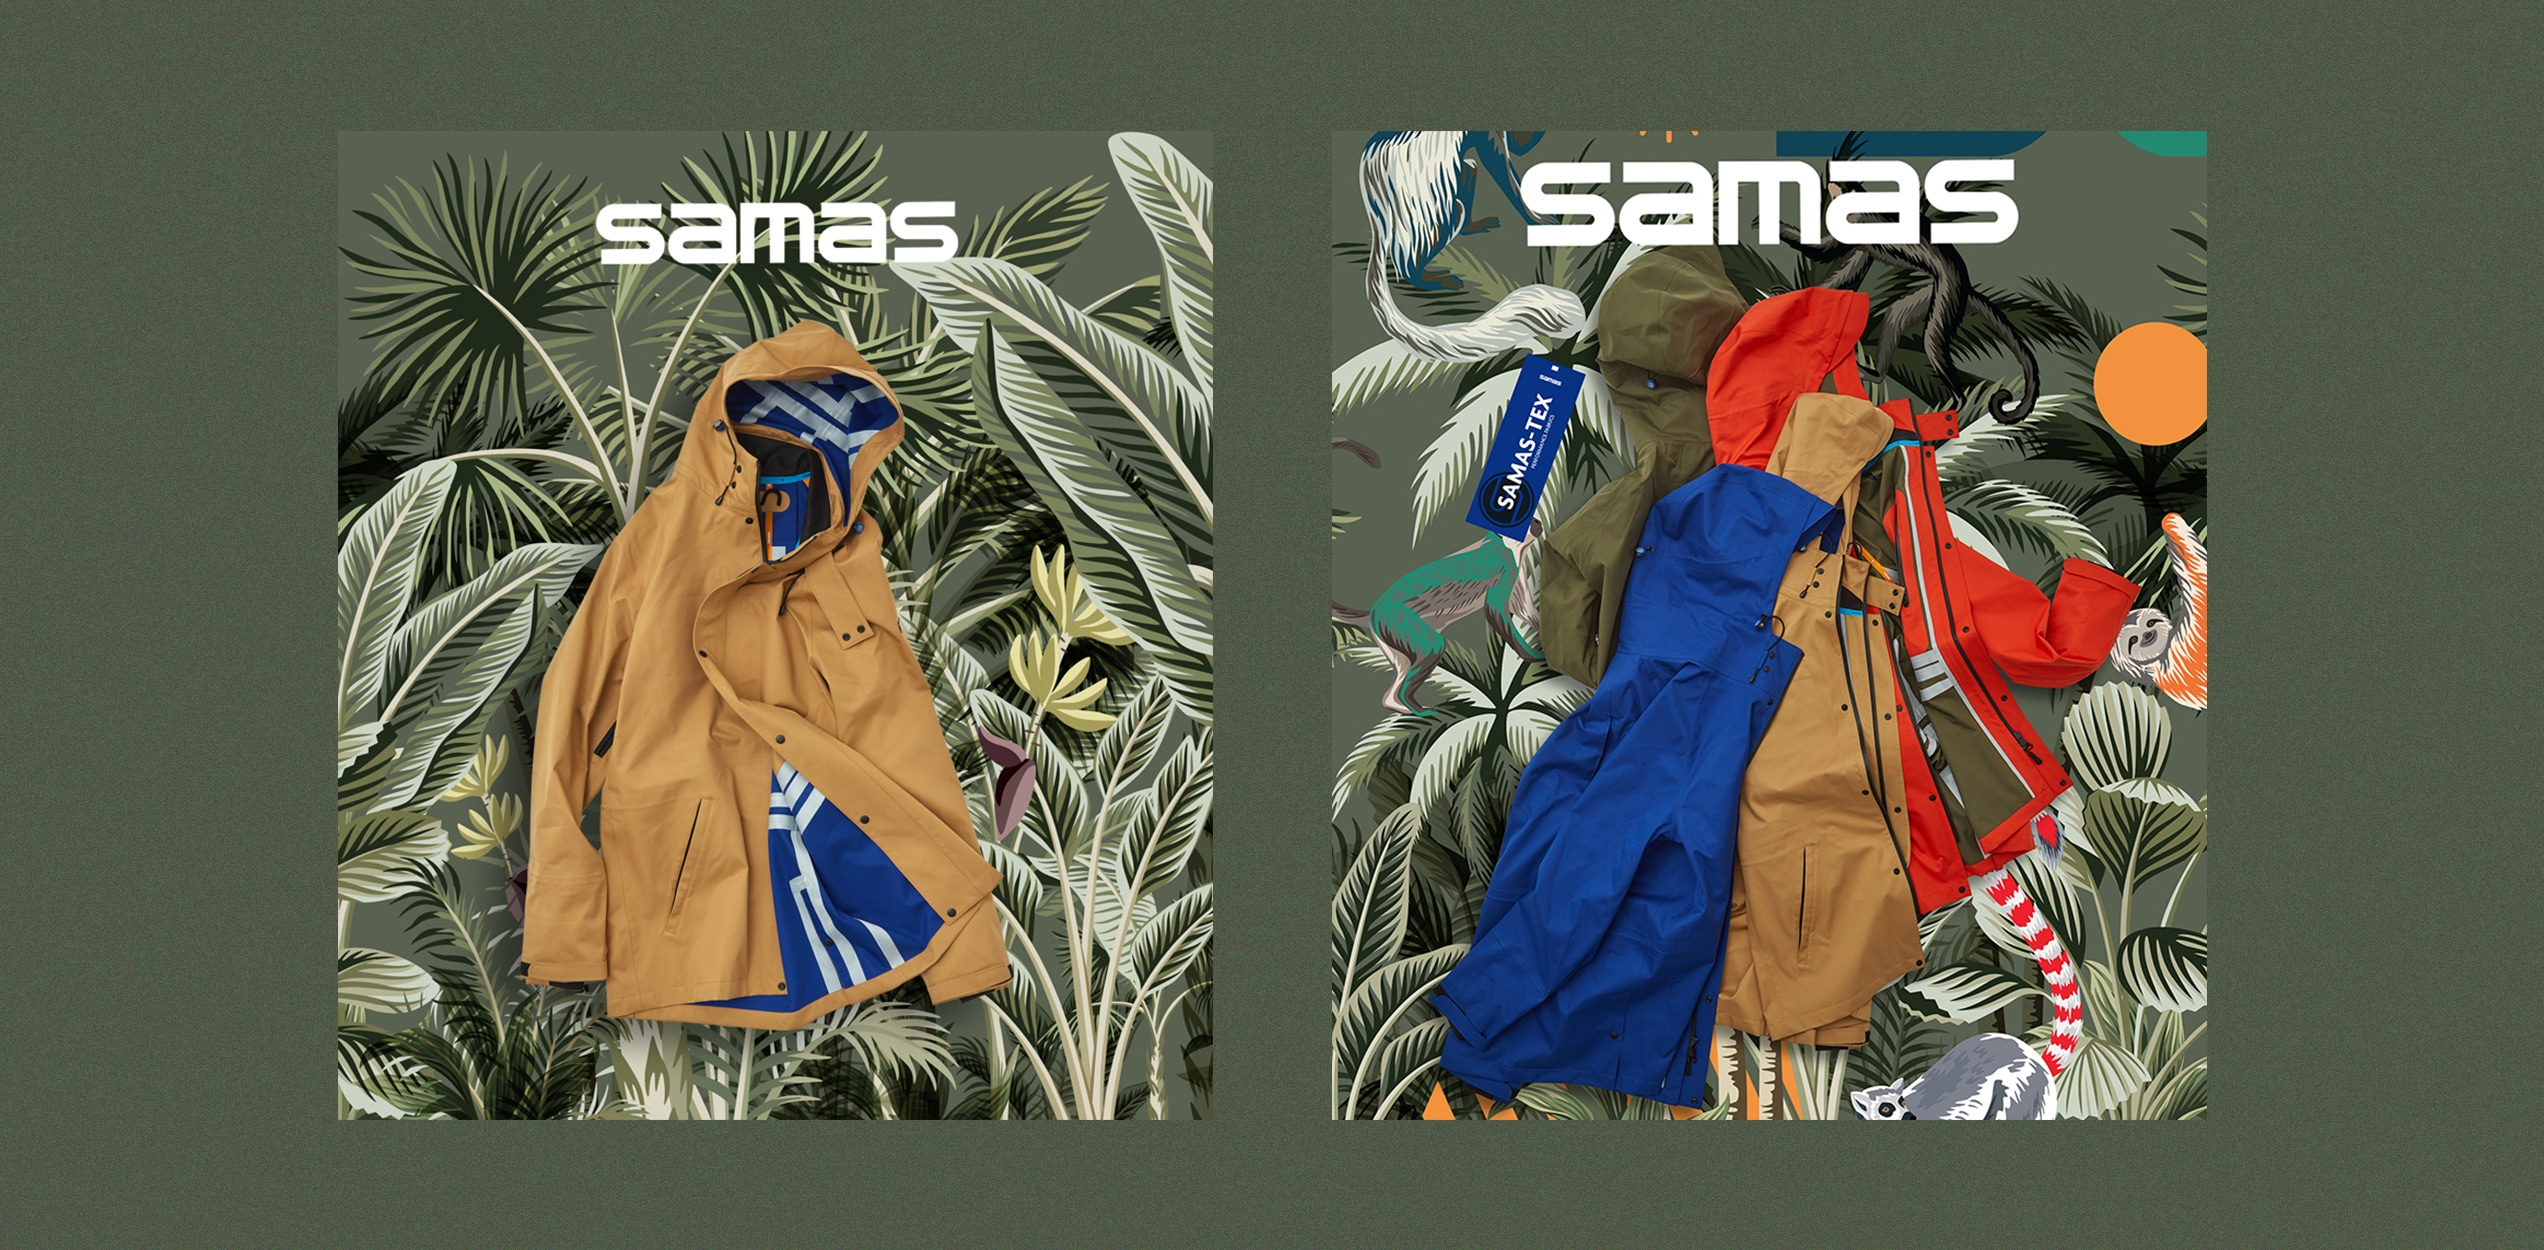 Andrea Busnelli Fashion Graphic Designer samas graphics